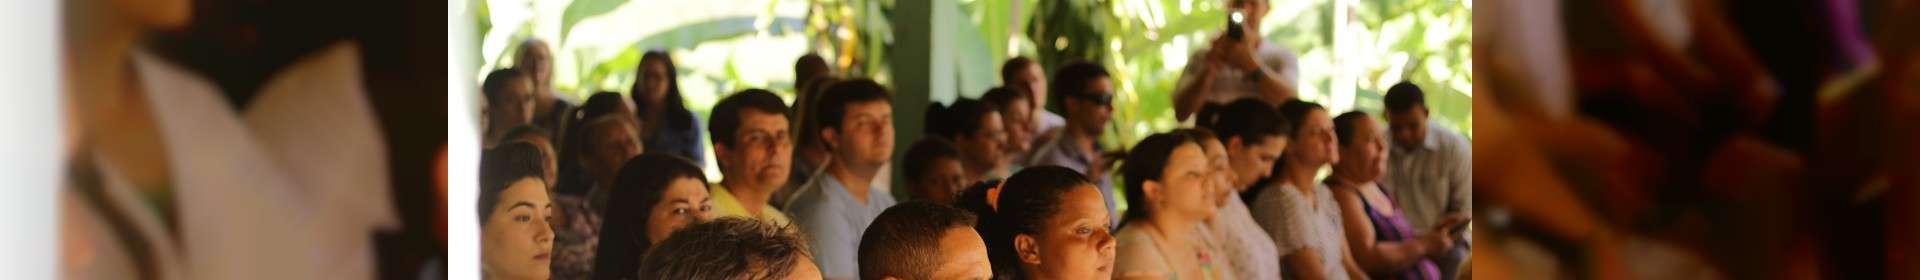 Culto de batismo em Pancas, no Espírito Santo, reúne três igrejas do estado